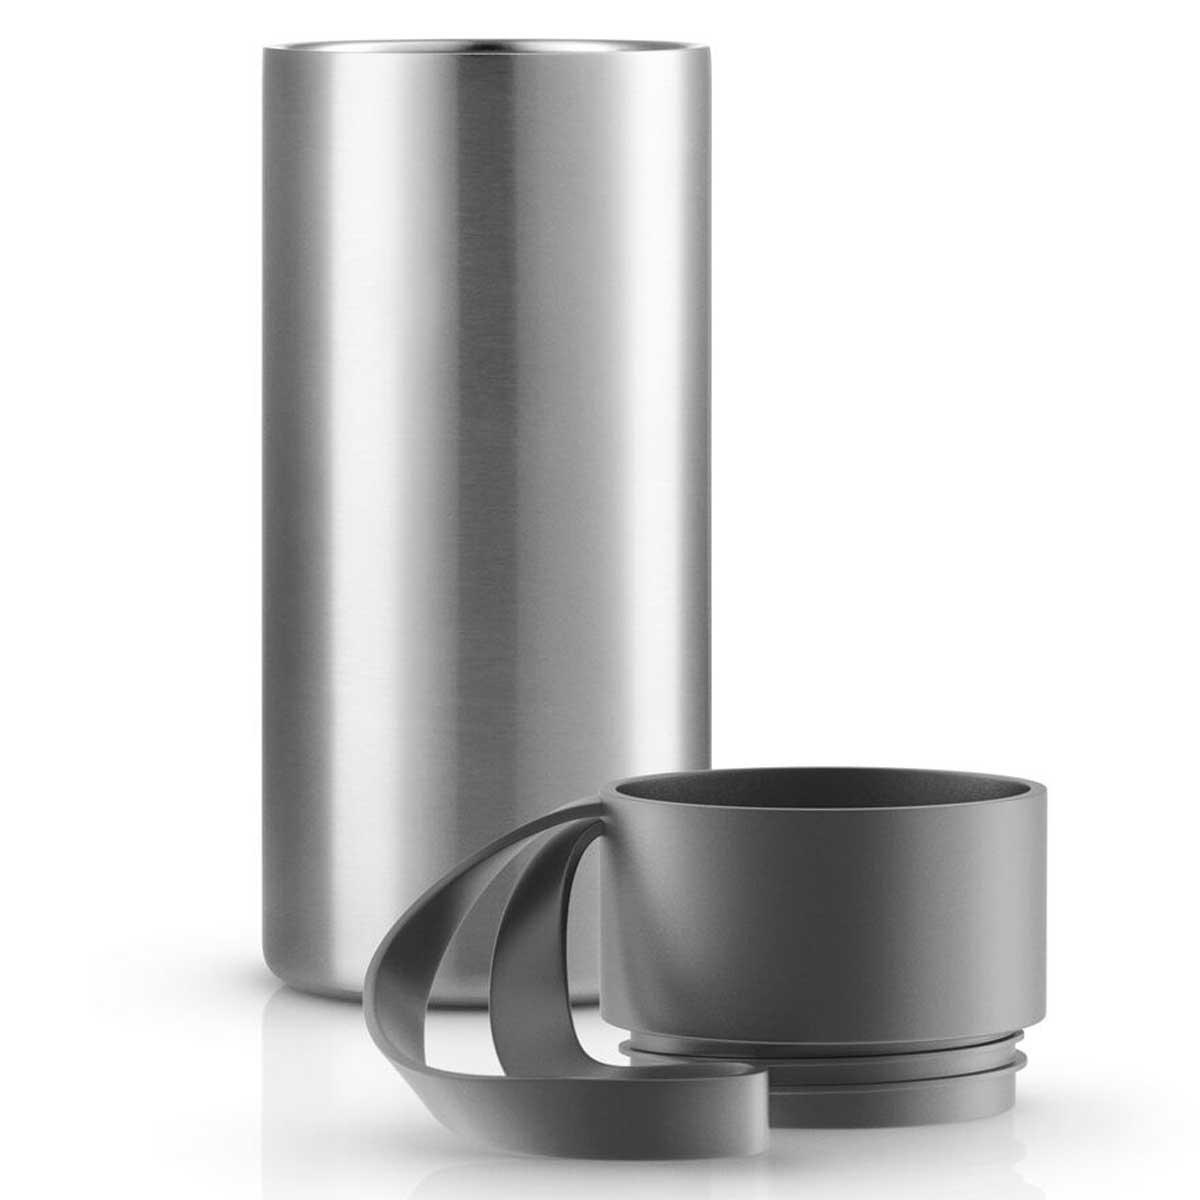 eva solo xl to go cup thermobecher grey grau 0 5 liter speisen servieren geschirr tassen. Black Bedroom Furniture Sets. Home Design Ideas